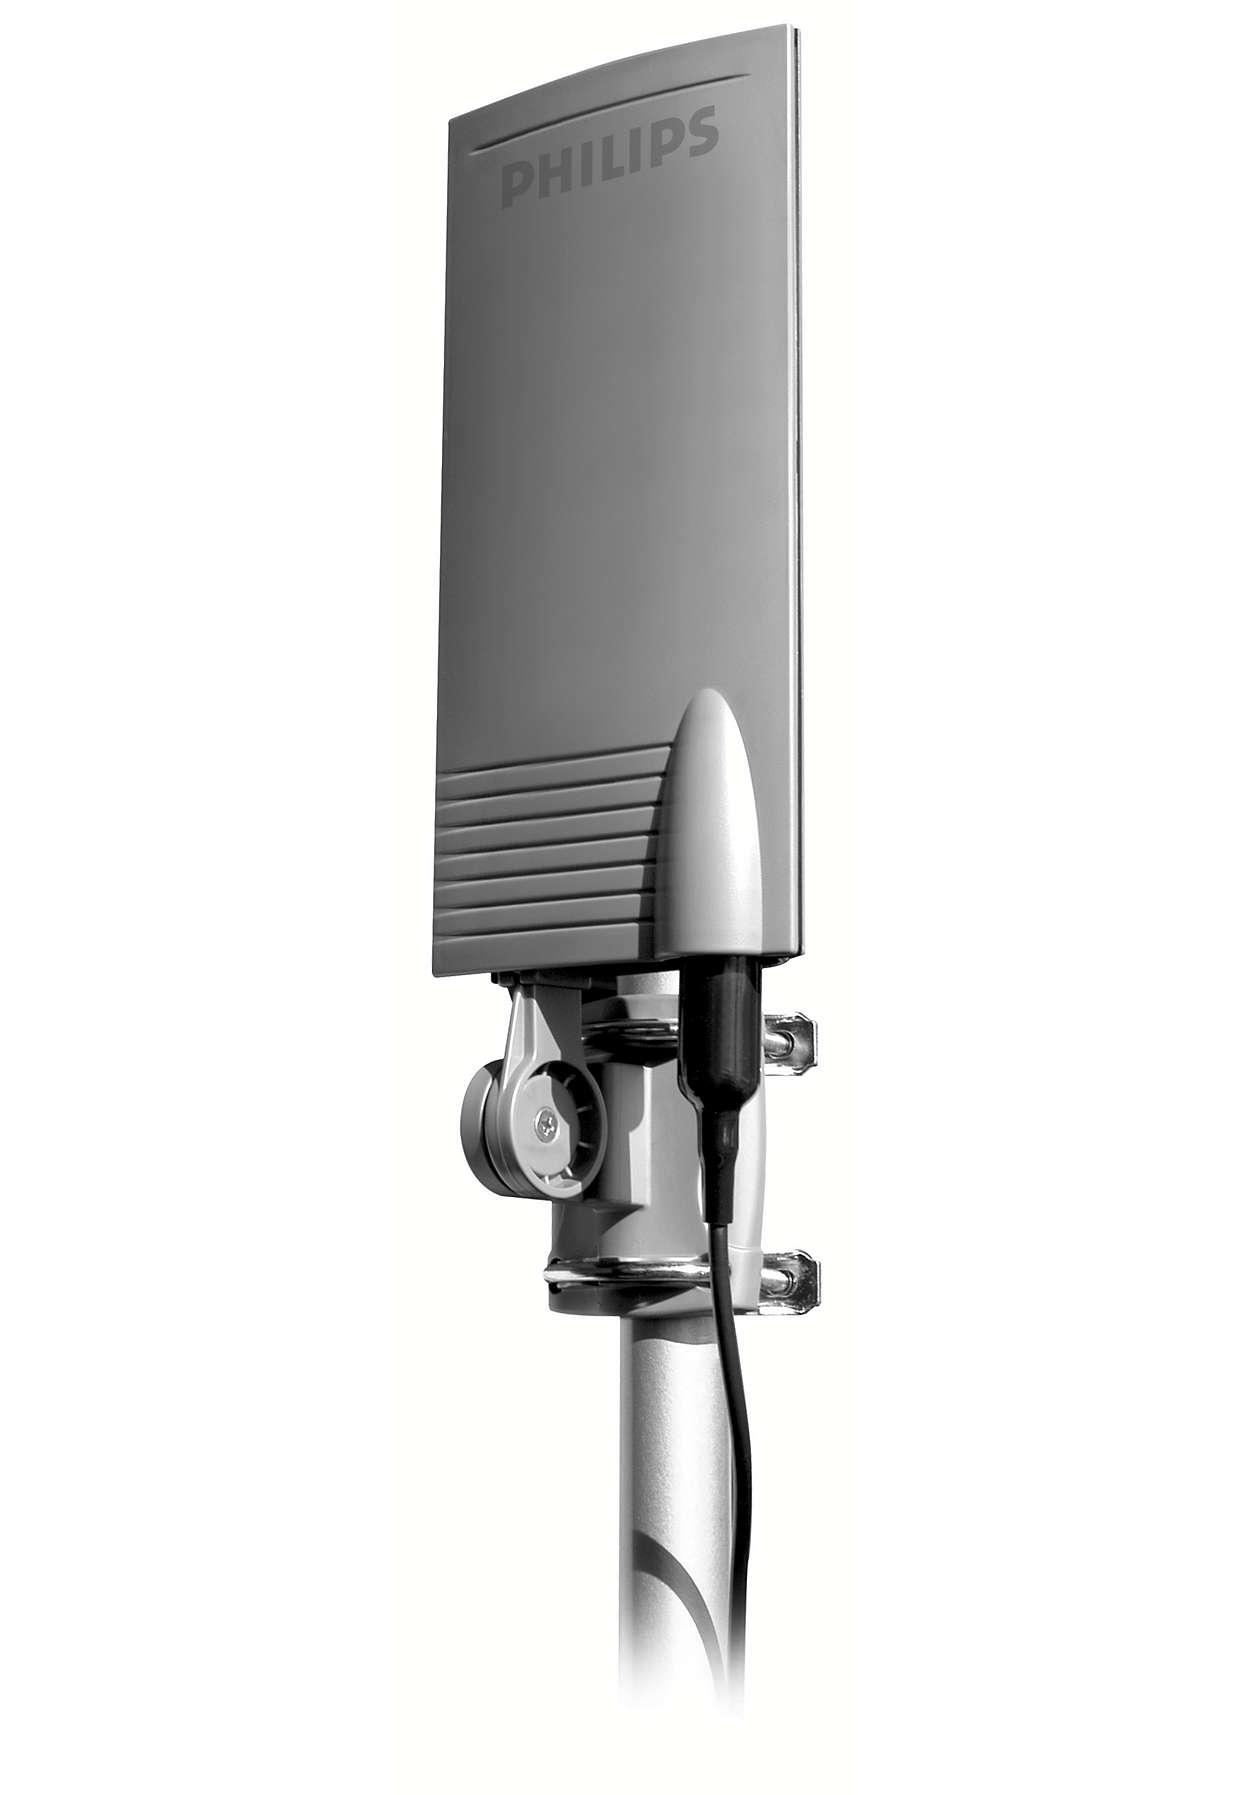 Odbiór cyfrowych sygnałów telewizyjnych i radiowych